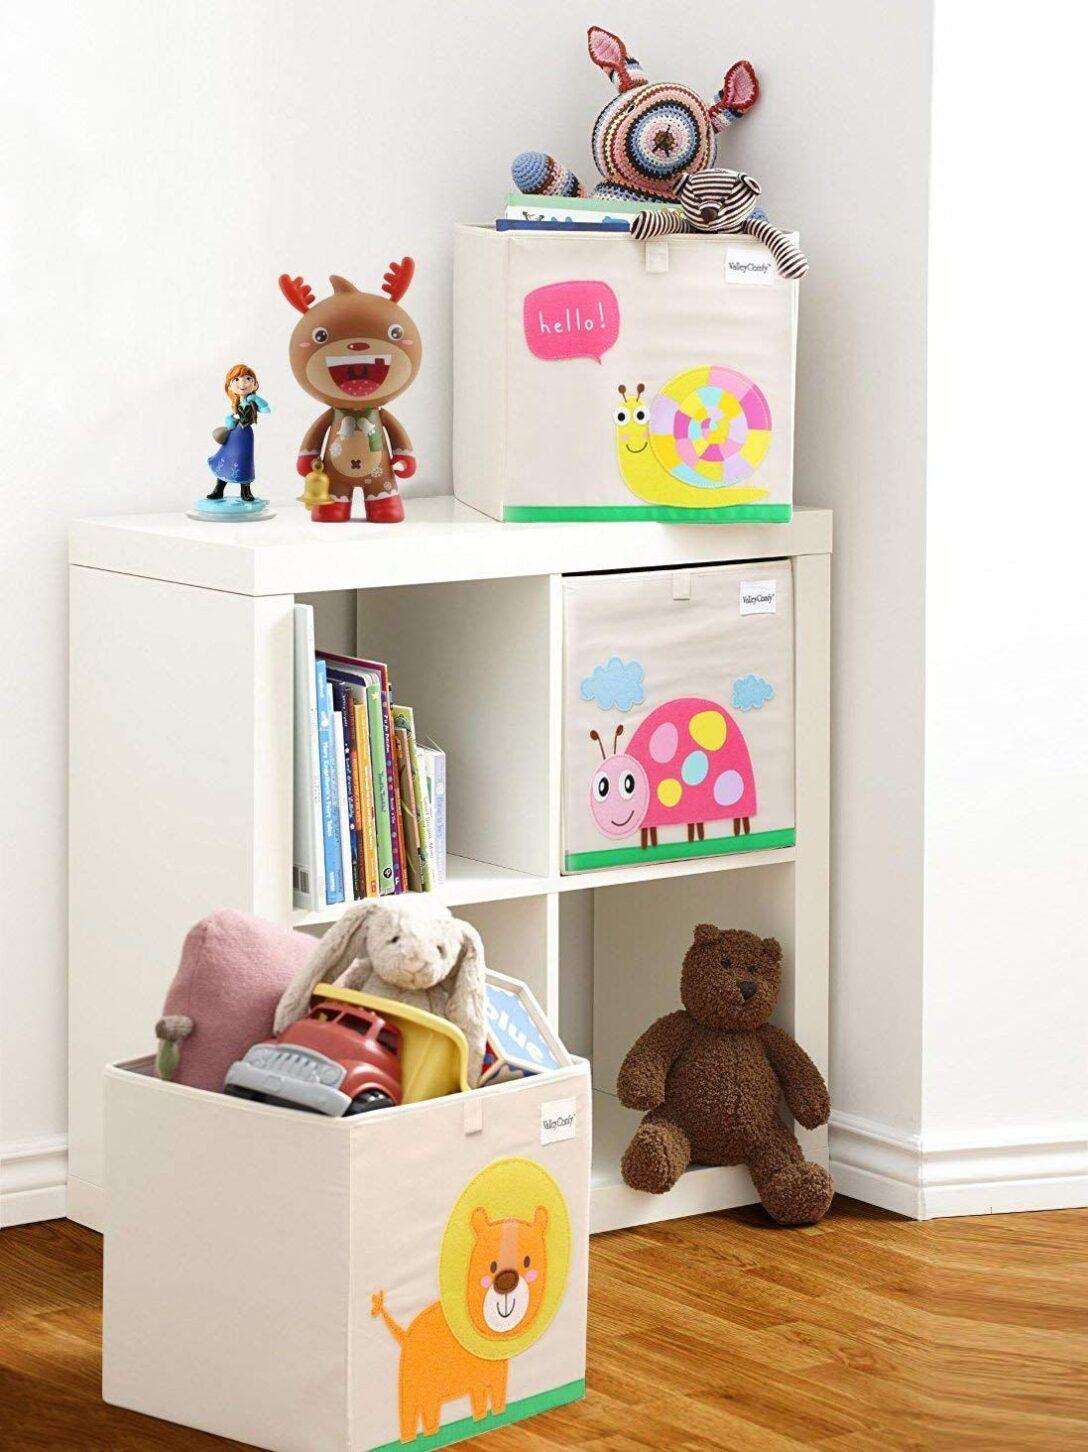 Large Size of Kinderzimmer Aufbewahrung Regal Aufbewahrungssystem Aufbewahrungskorb Aufbewahrungsregal Ideen Ikea Aufbewahrungssysteme Rosa Spielzeugboxen Mit Verschiedenen Kinderzimmer Kinderzimmer Aufbewahrung